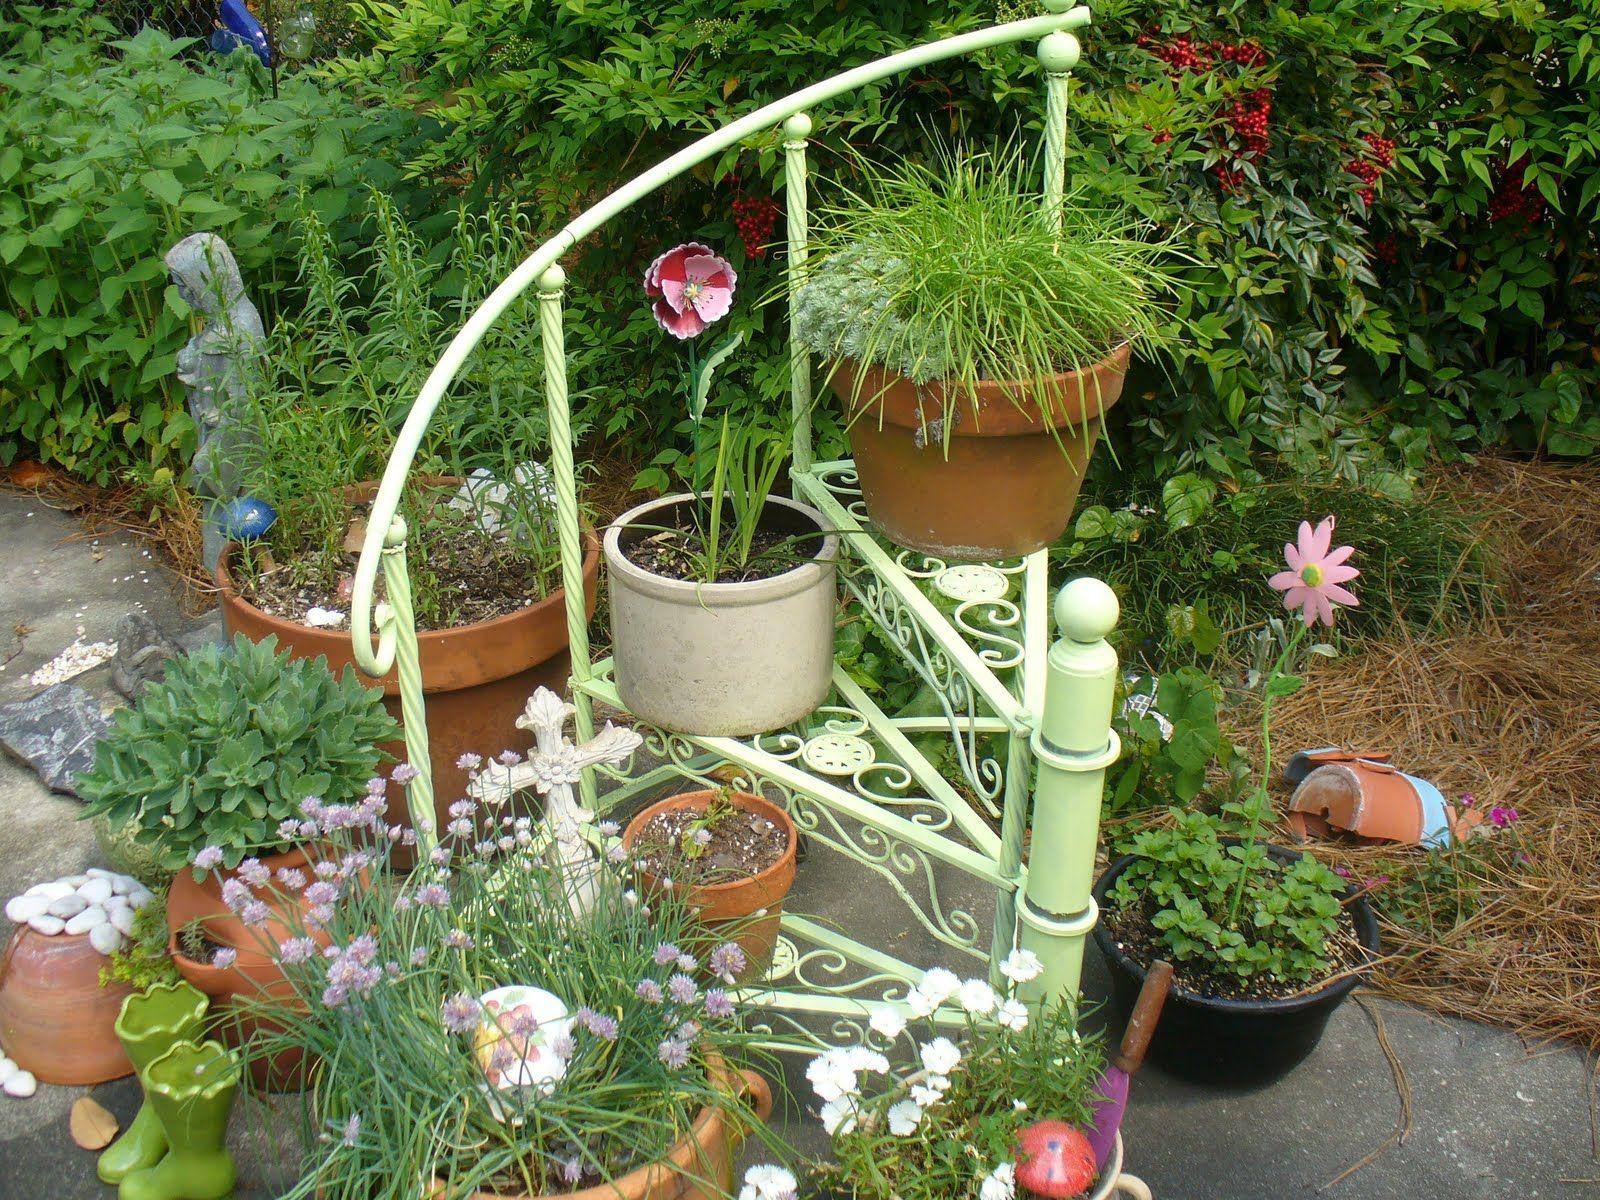 Whimsical Garden Ideas | ... Bottle Tree. I Am Thinking Of Adding One